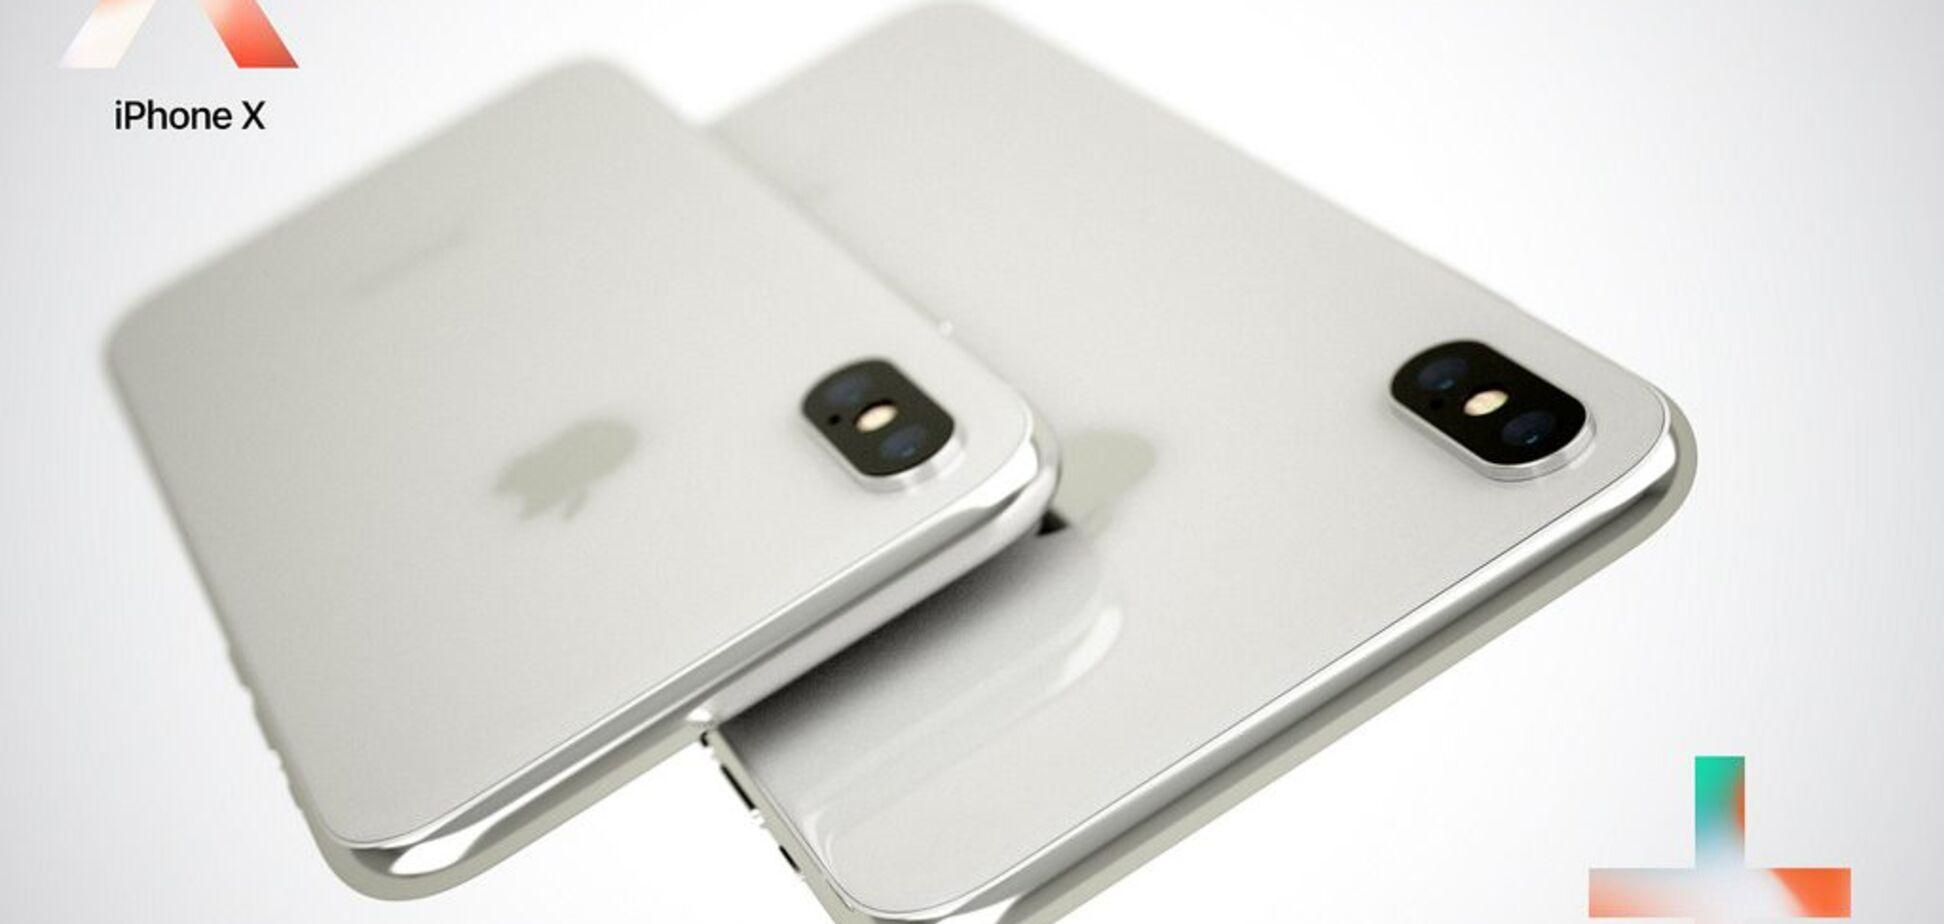 Будет стоить дороже: в сеть слили цену на новый iPhone X Plus